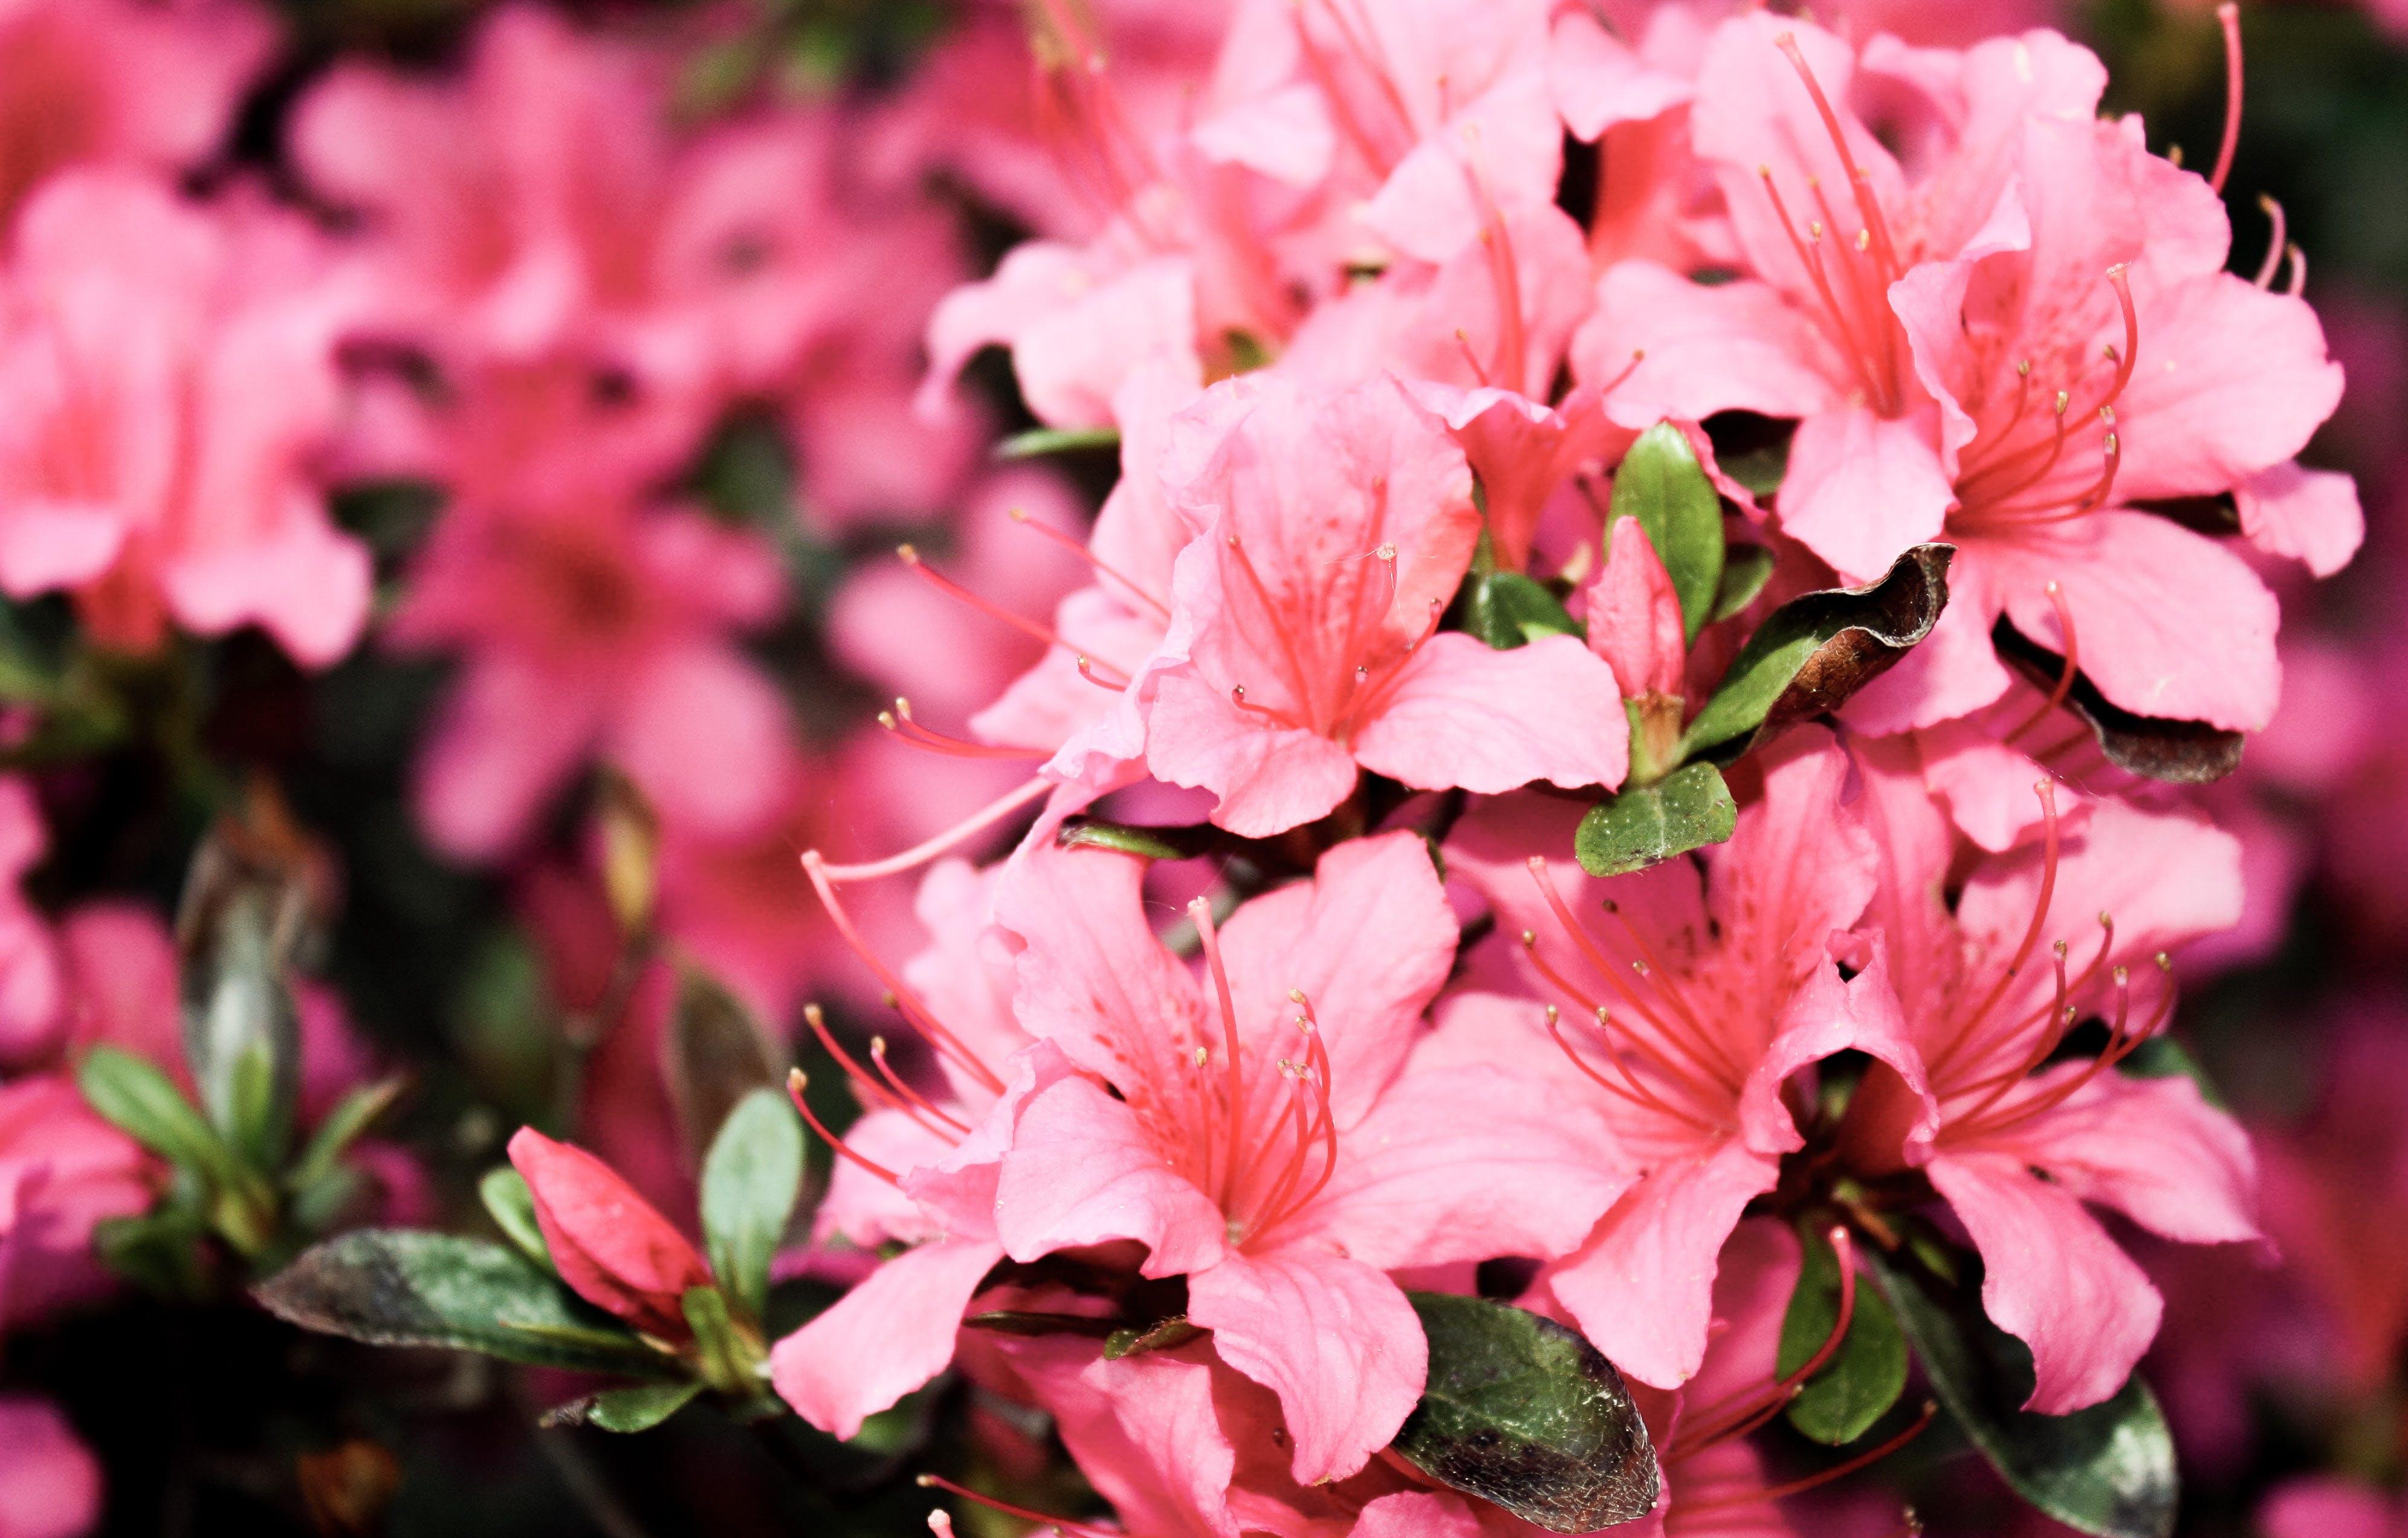 Kostenloses Stock Foto zu blumen, garten, blütenblätter, farbe